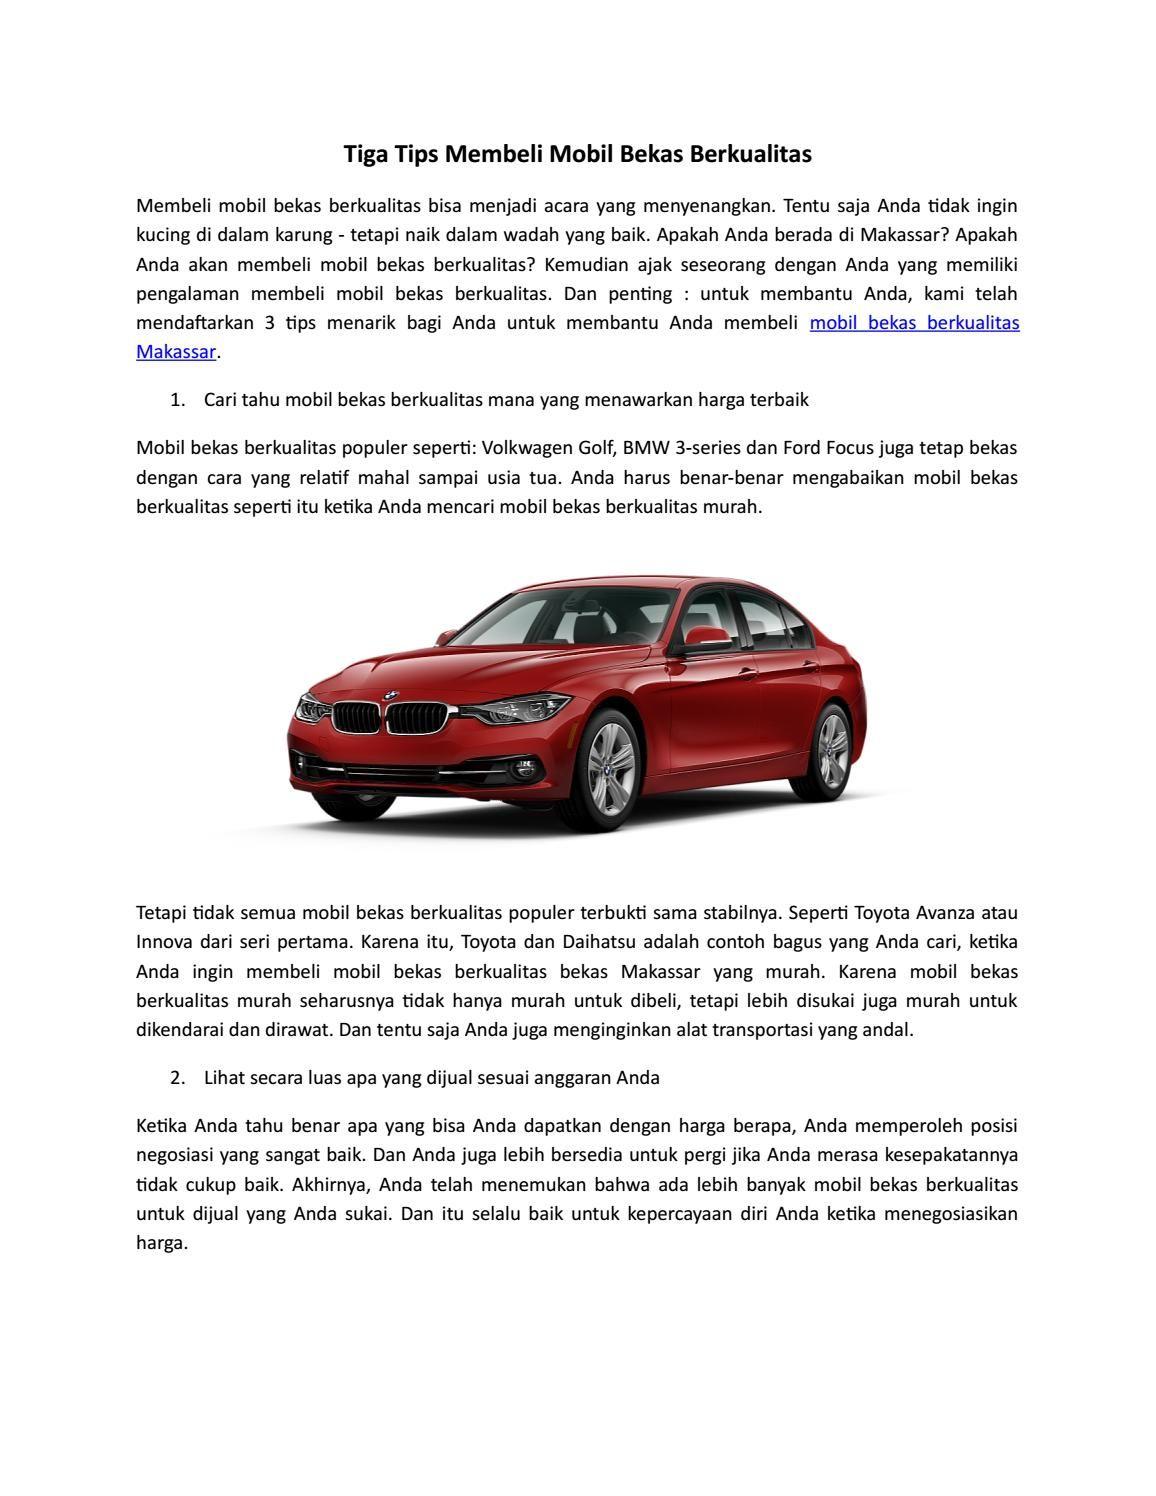 Tiga Tips Membeli Mobil Bekas Berkualitas Mobil Bekas Mobil Tips